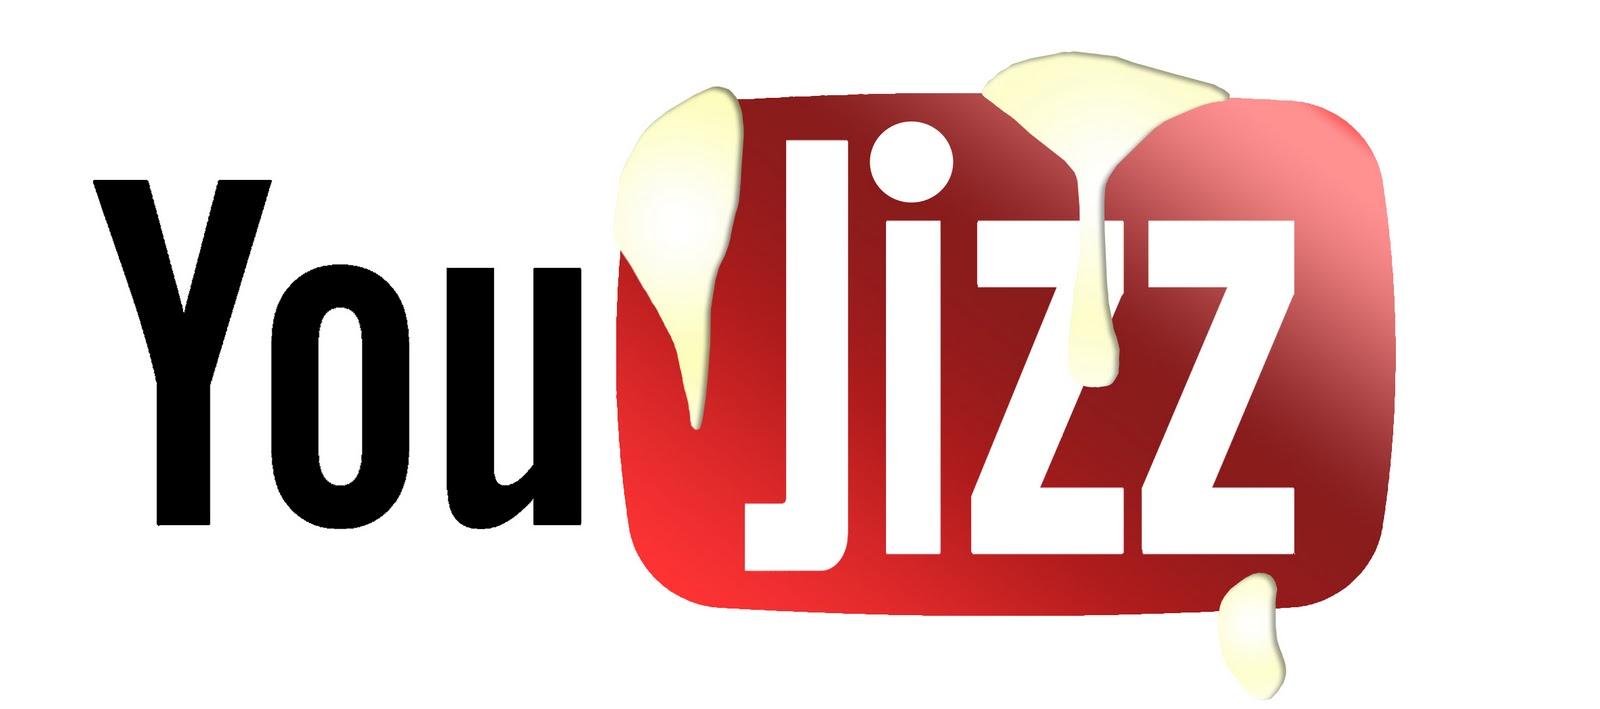 www younizz com